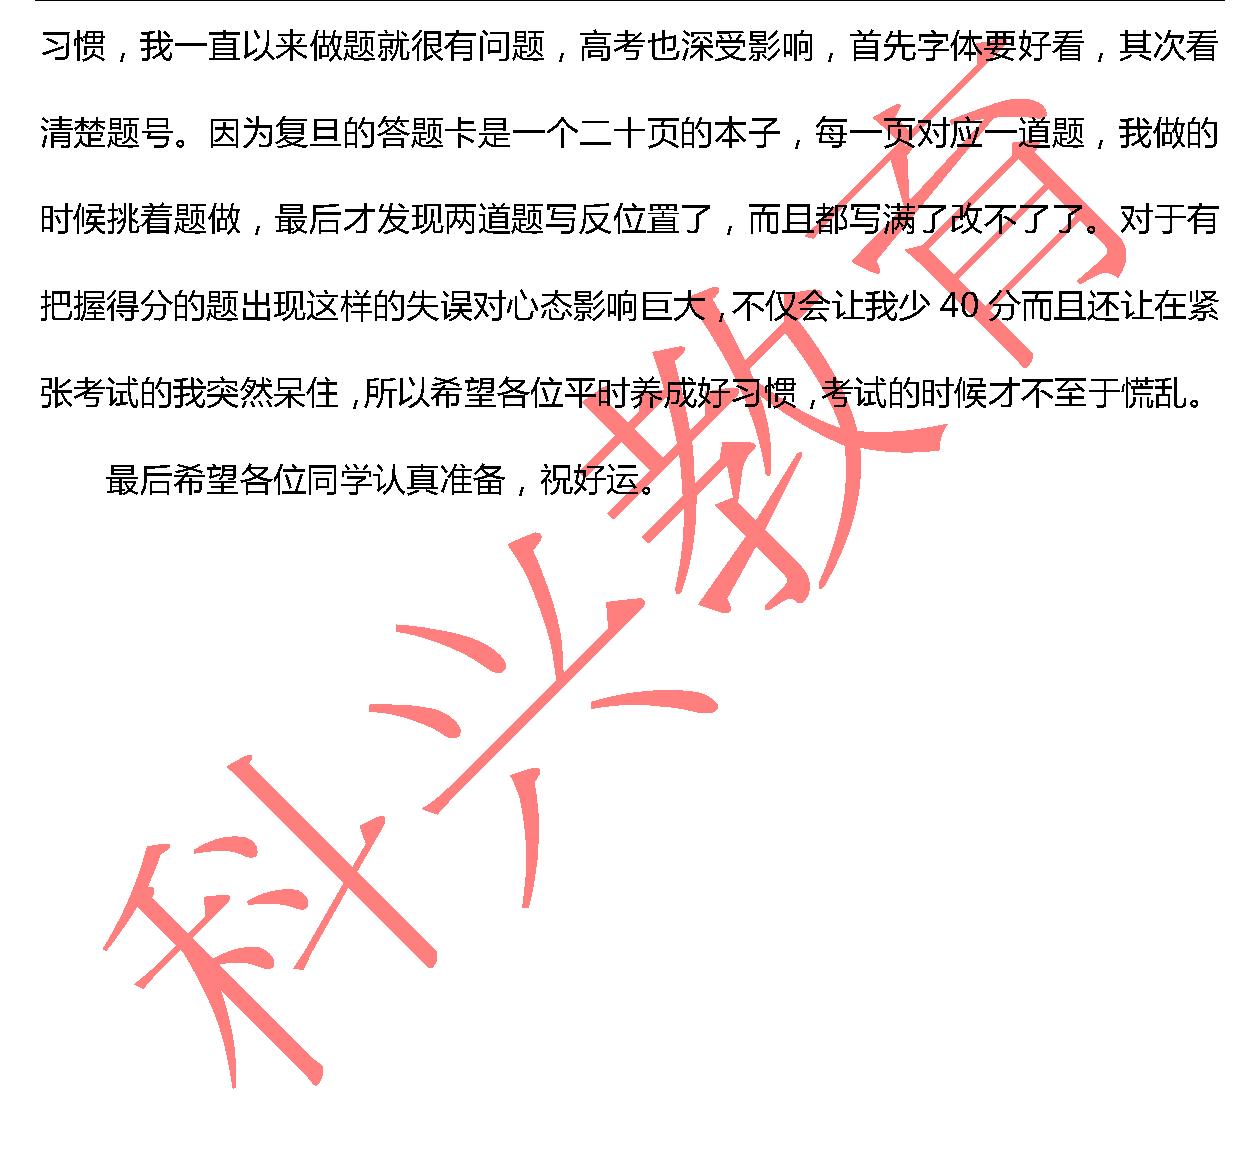 复旦张乐:我的考插(18届)